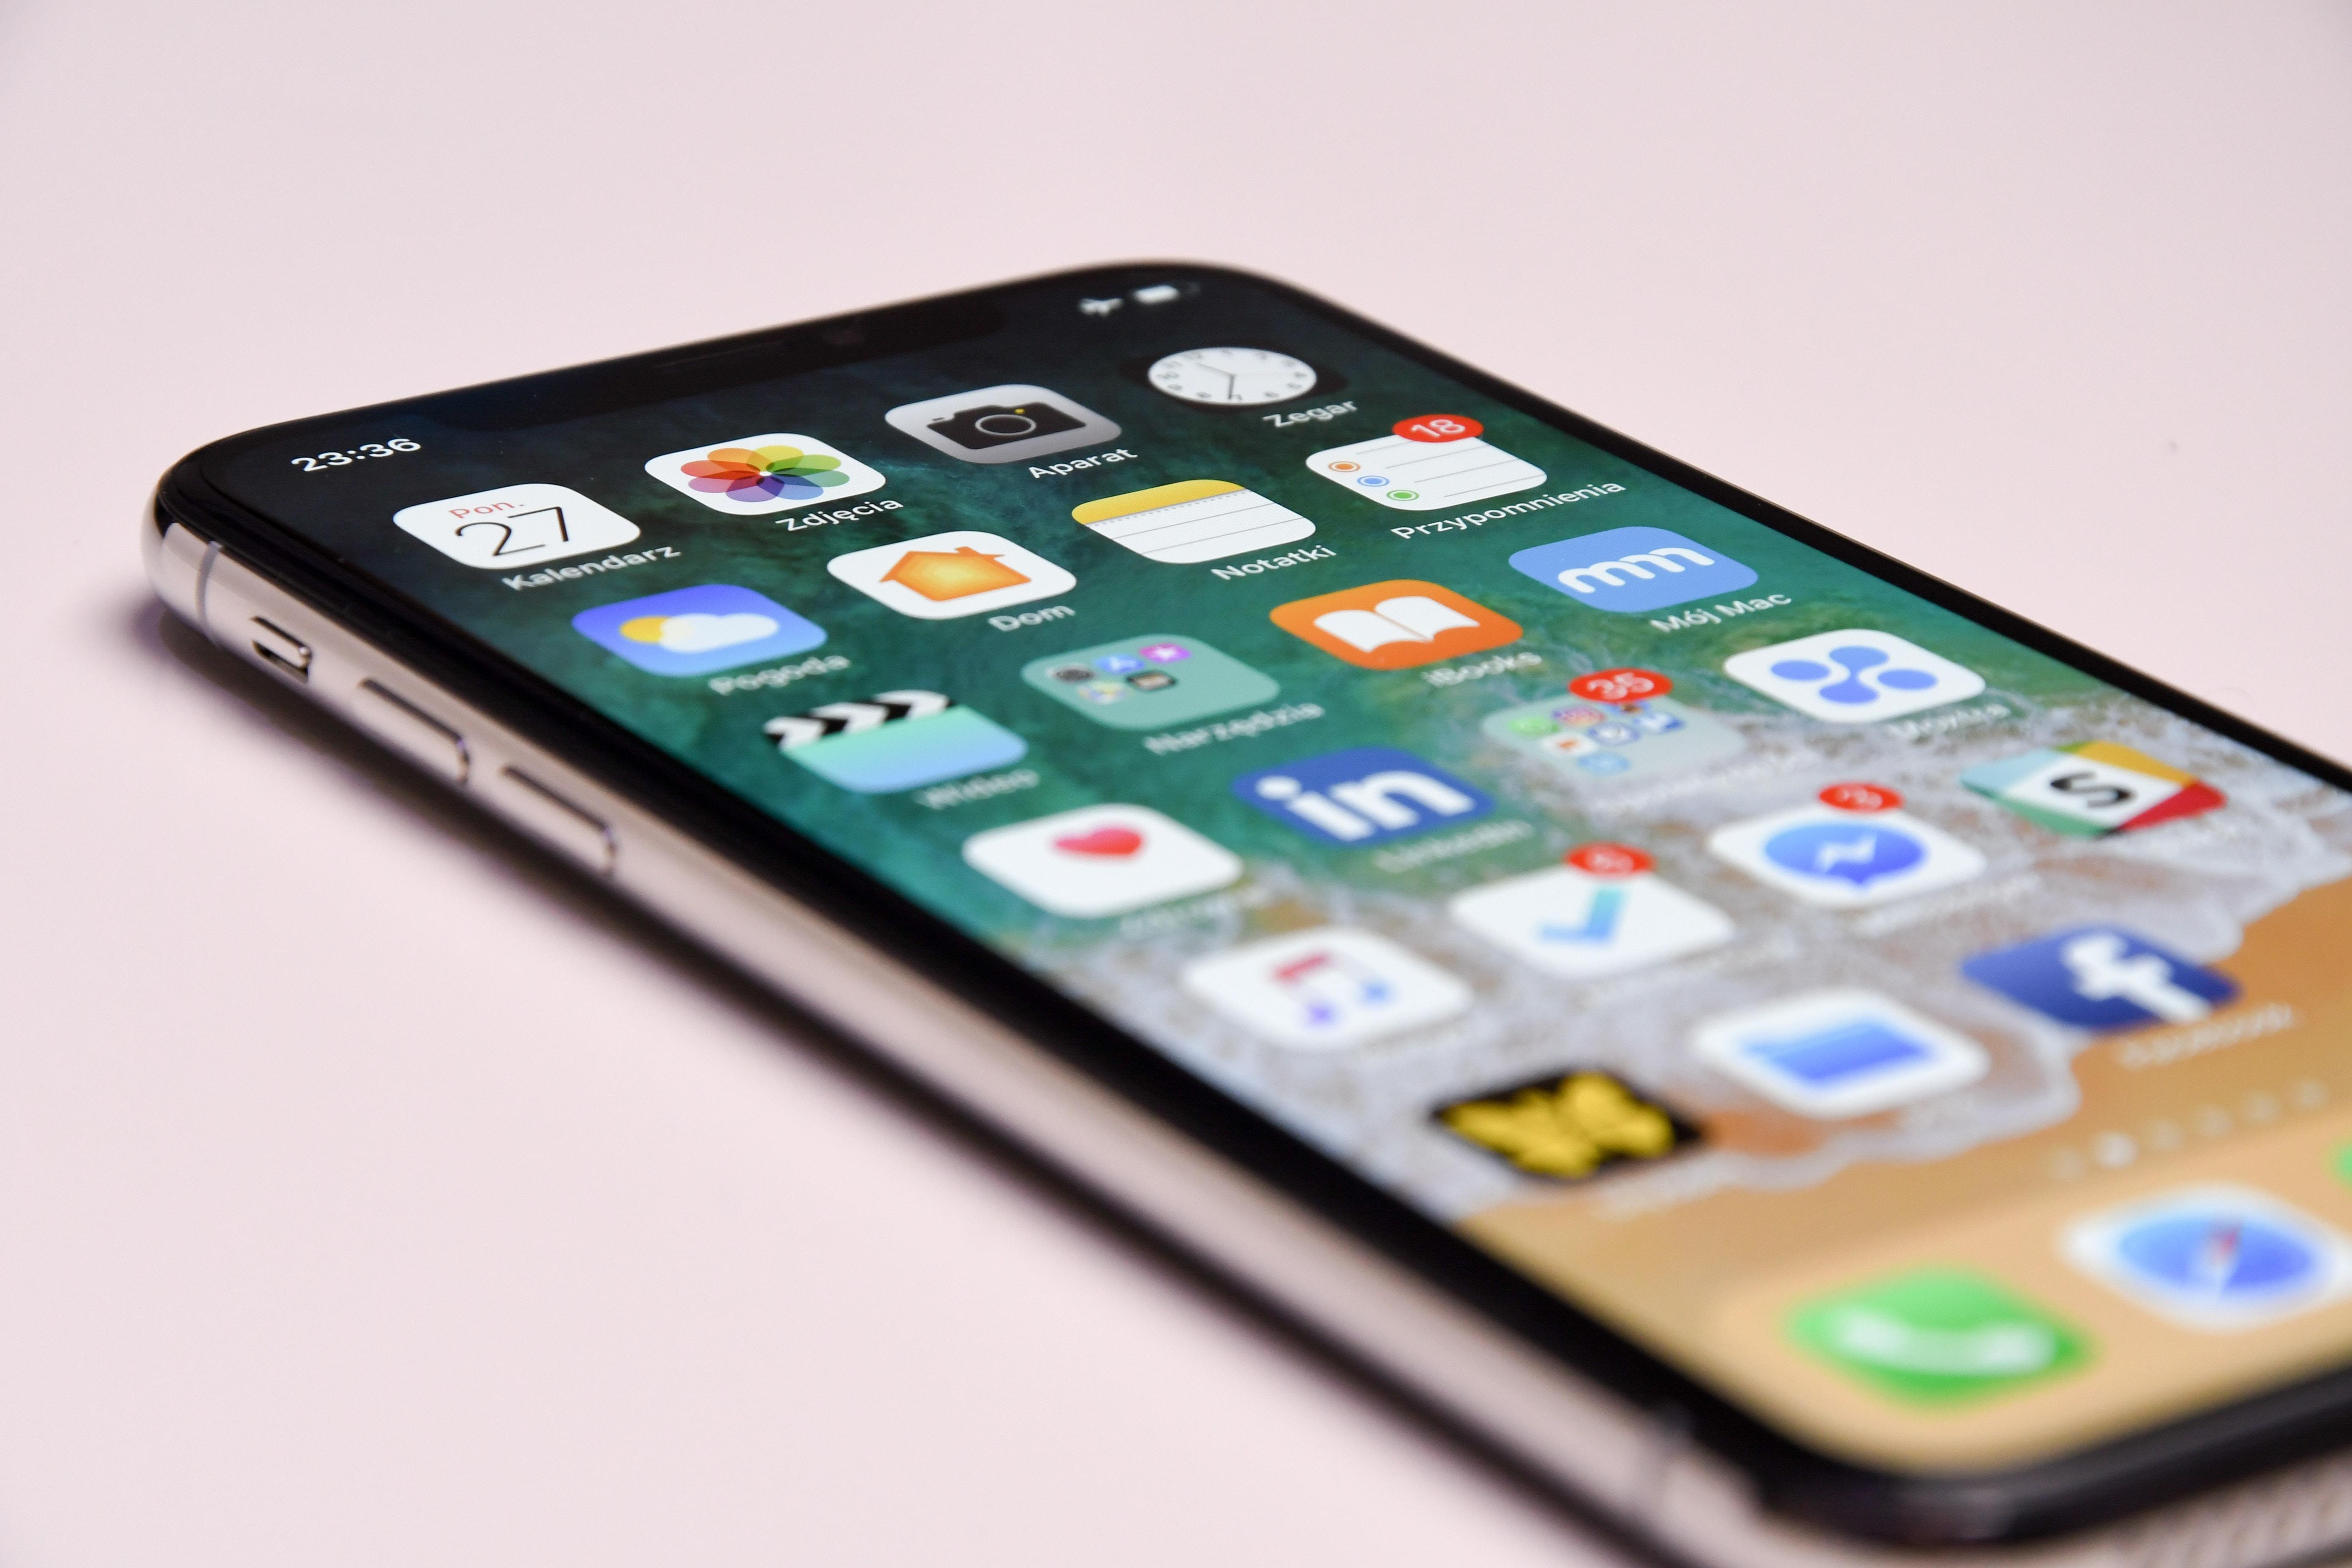 iPhoneが操作できない!トラブルの時の対処方法とは?